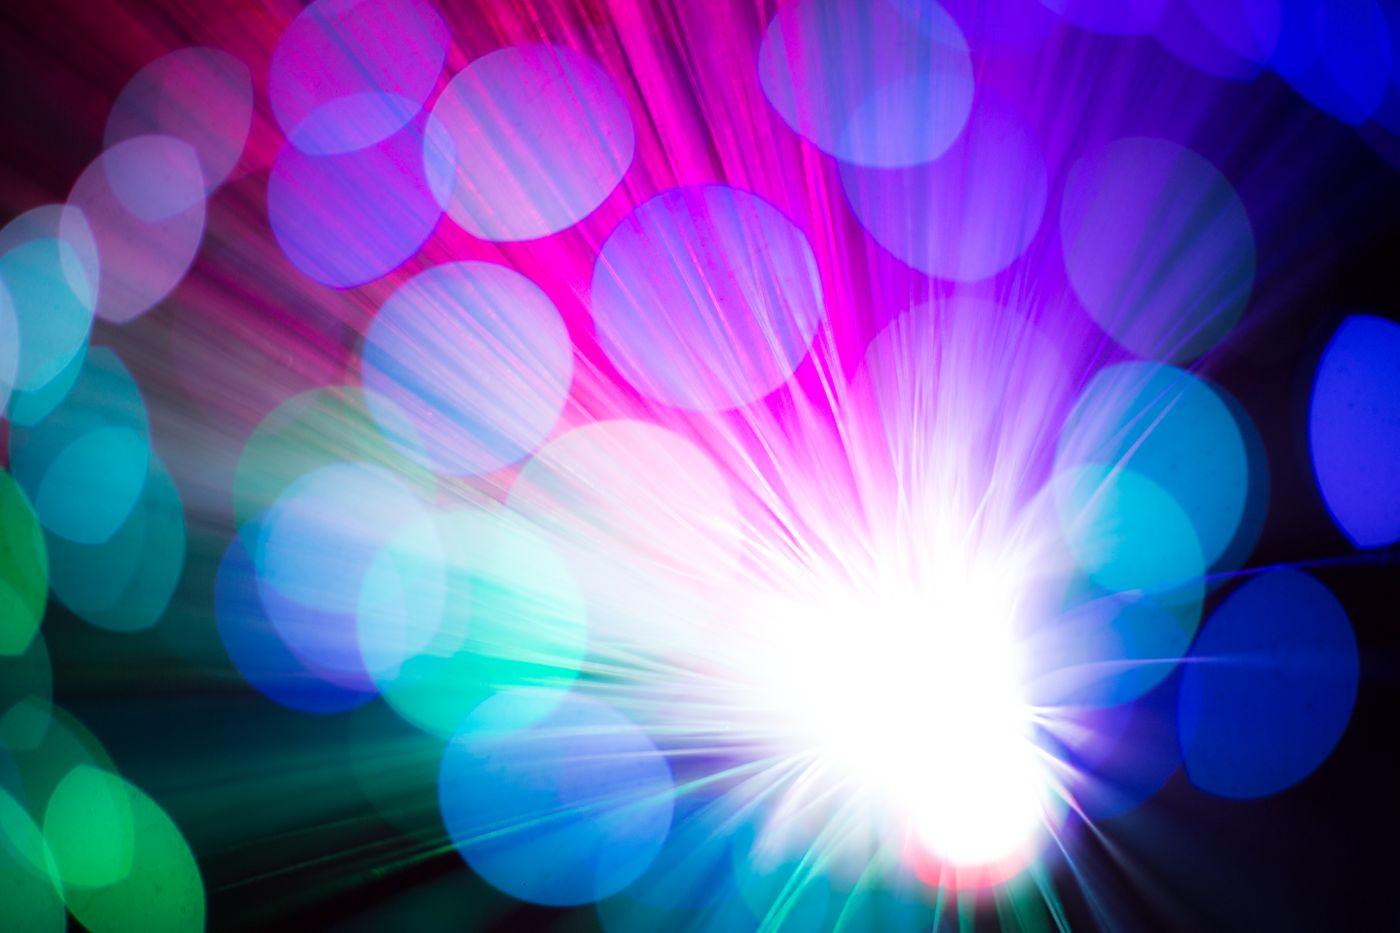 鮮やかな玉ボケと光の集合の写真